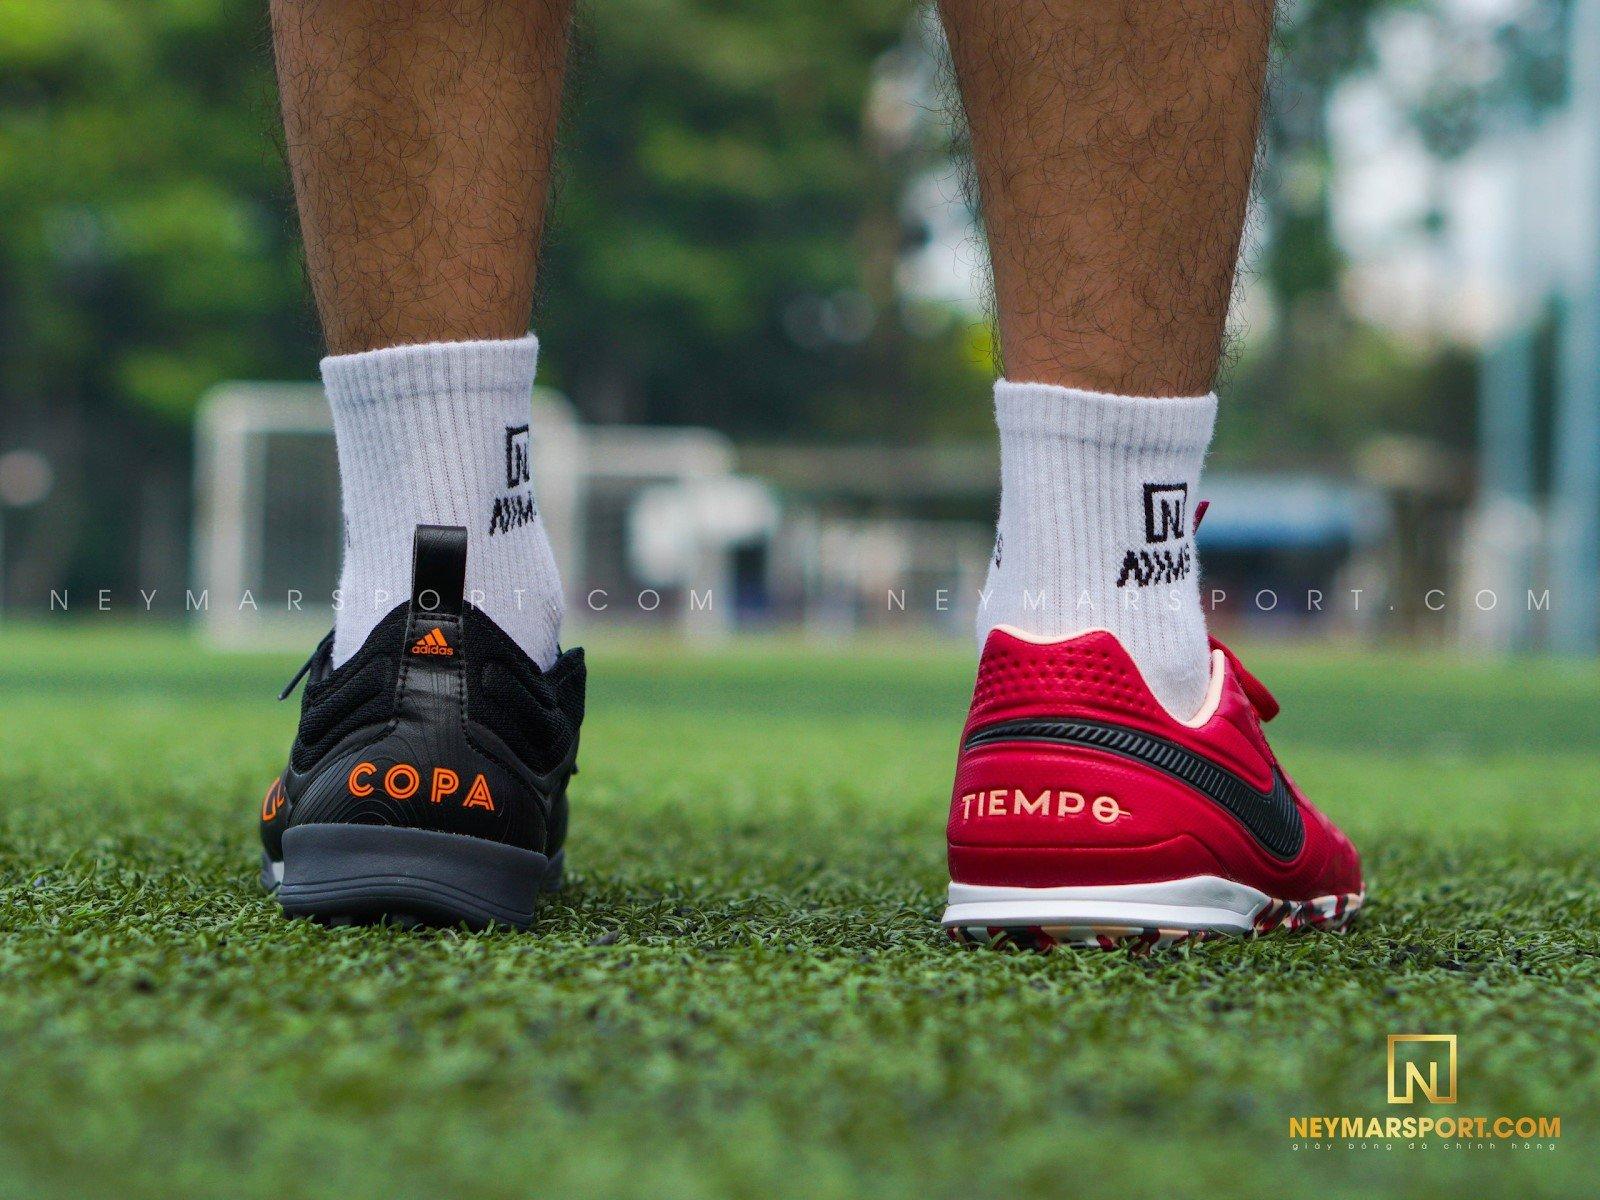 So sánh giày cỏ nhân tạo bằng da thật nổi tiếng nhất | adidas Copa 20.1 và Nike Tiempo Legend 8